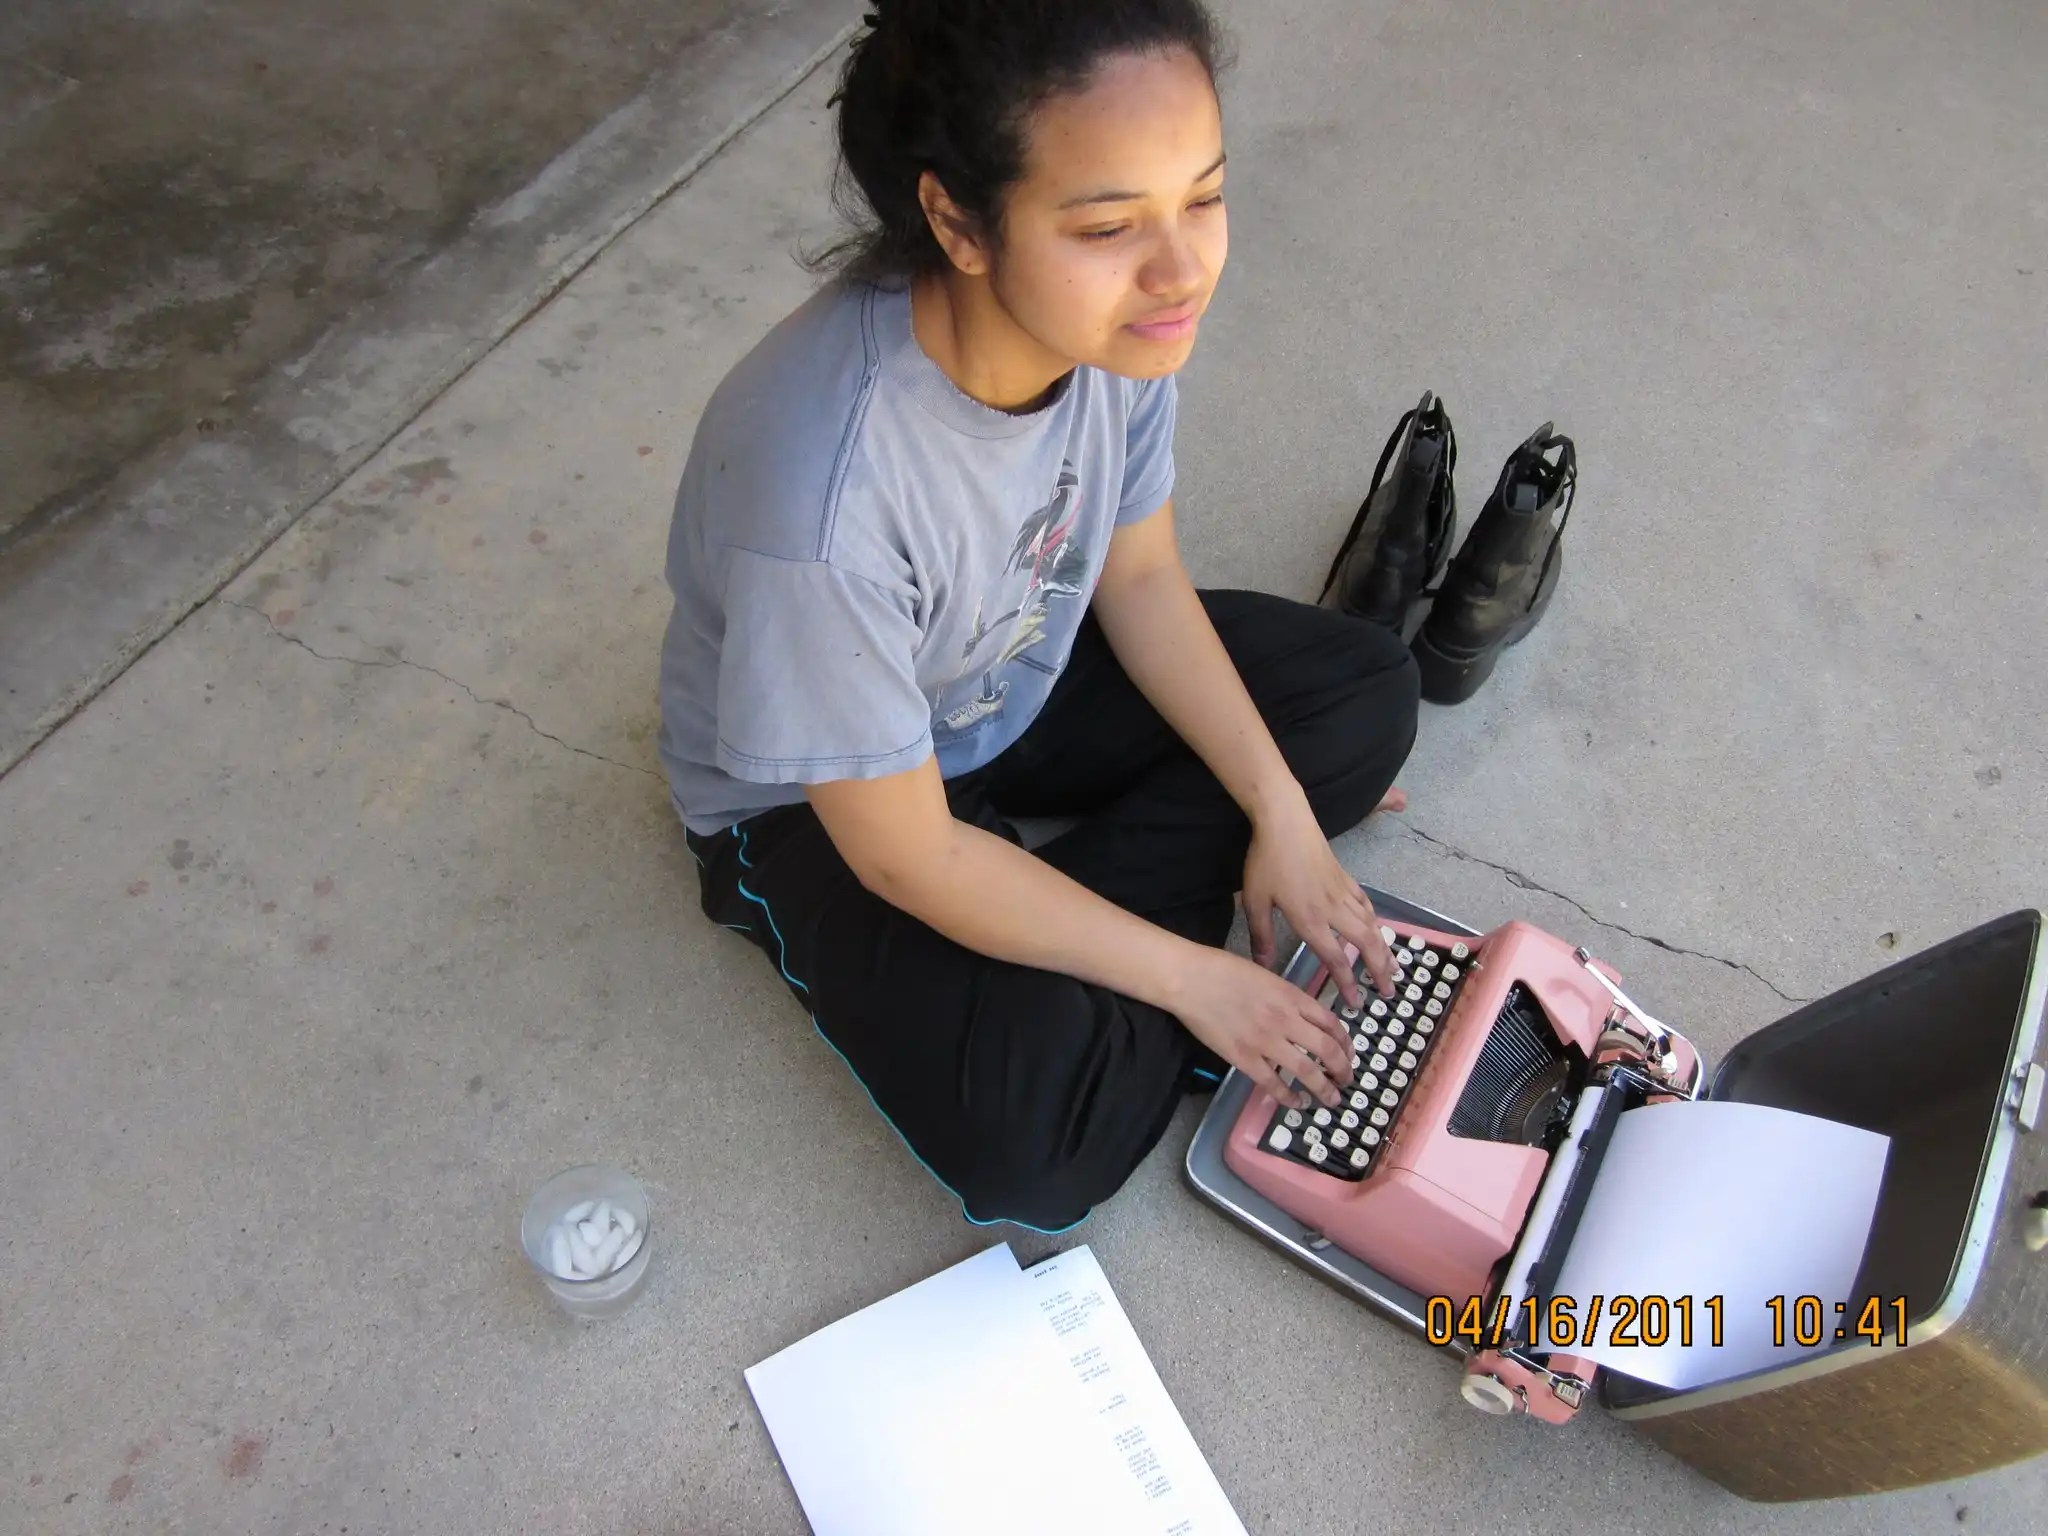 Billimarie Typewriter Poetry 2011